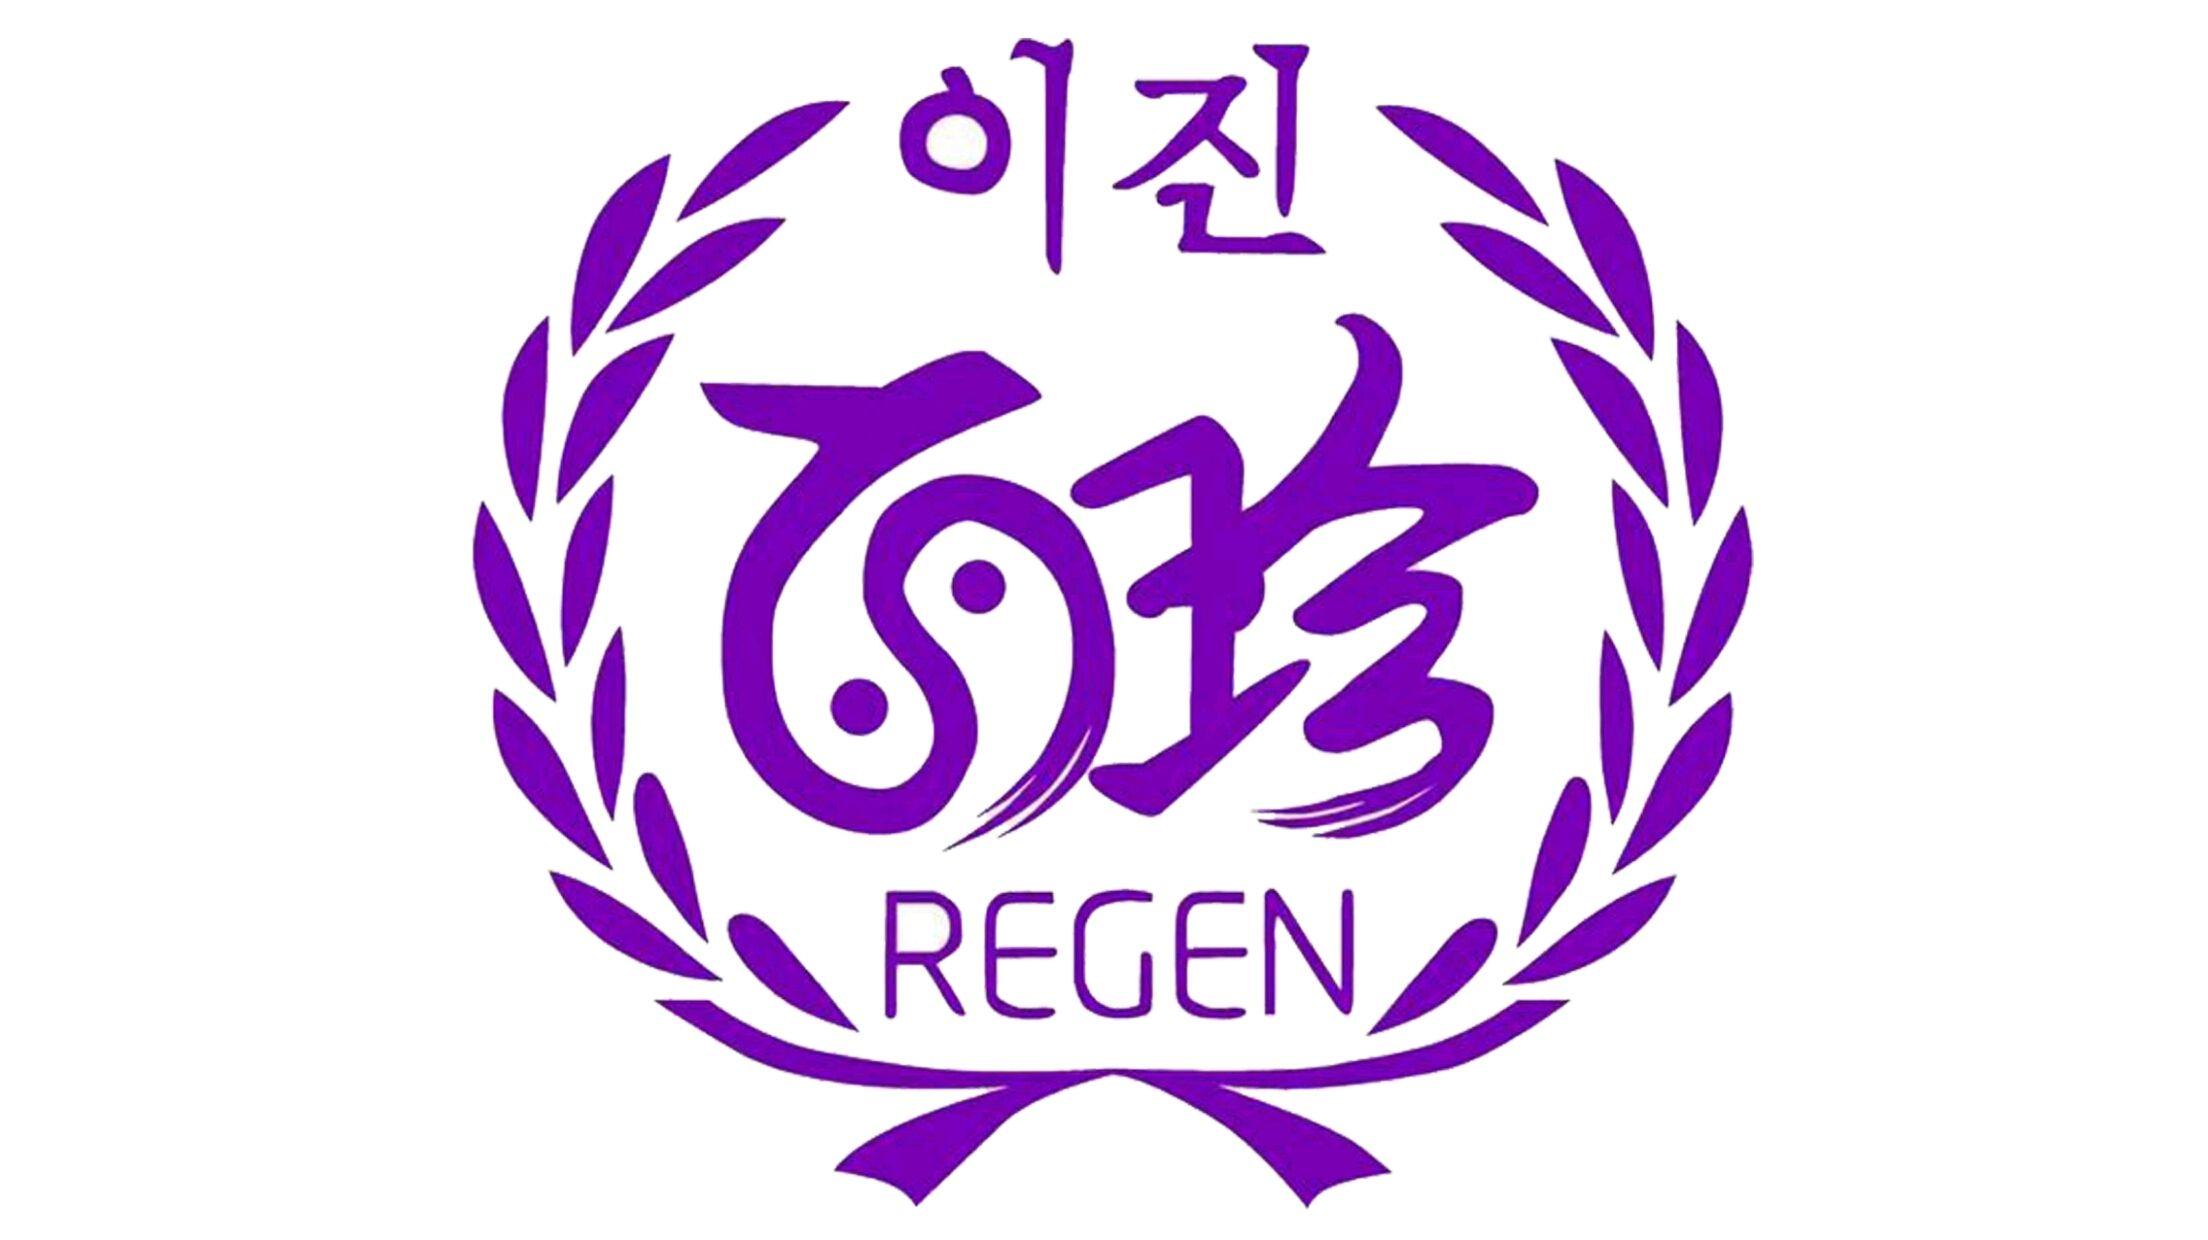 logo logo 标志 设计 矢量 矢量图 素材 图标 2208_1240